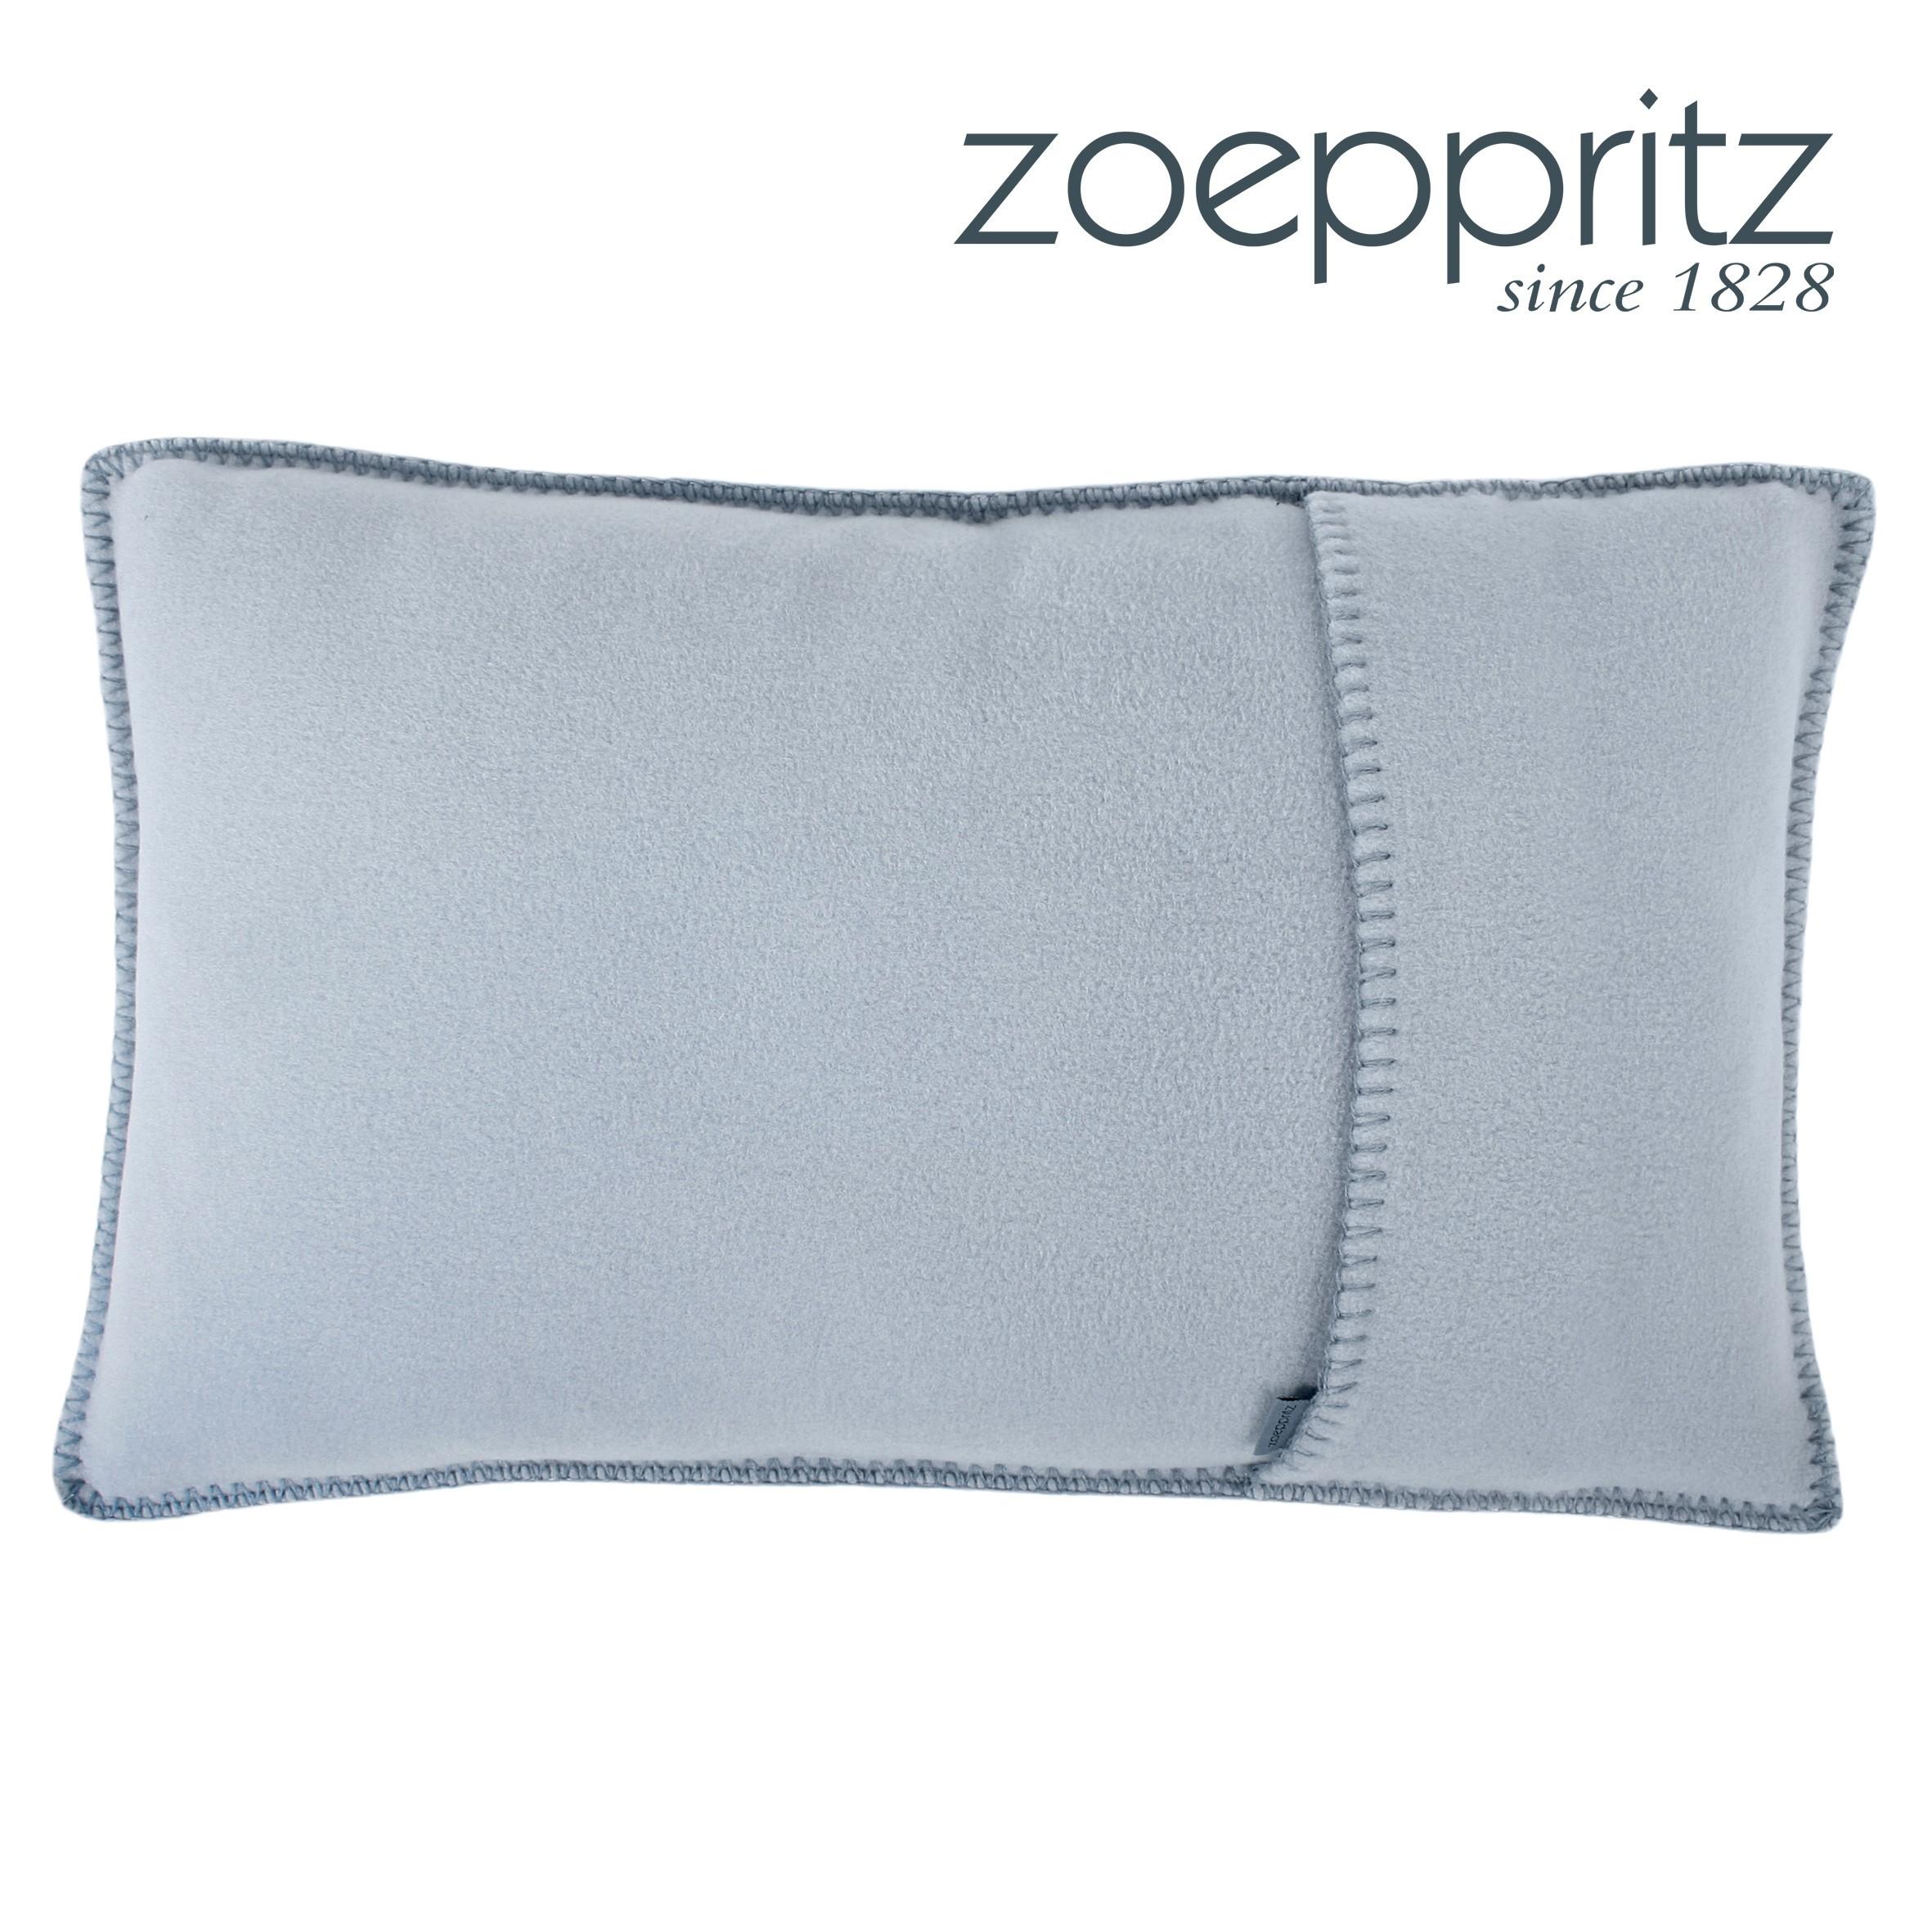 zoeppritz dekokissen soft fleece water 30 x 50 cm. Black Bedroom Furniture Sets. Home Design Ideas